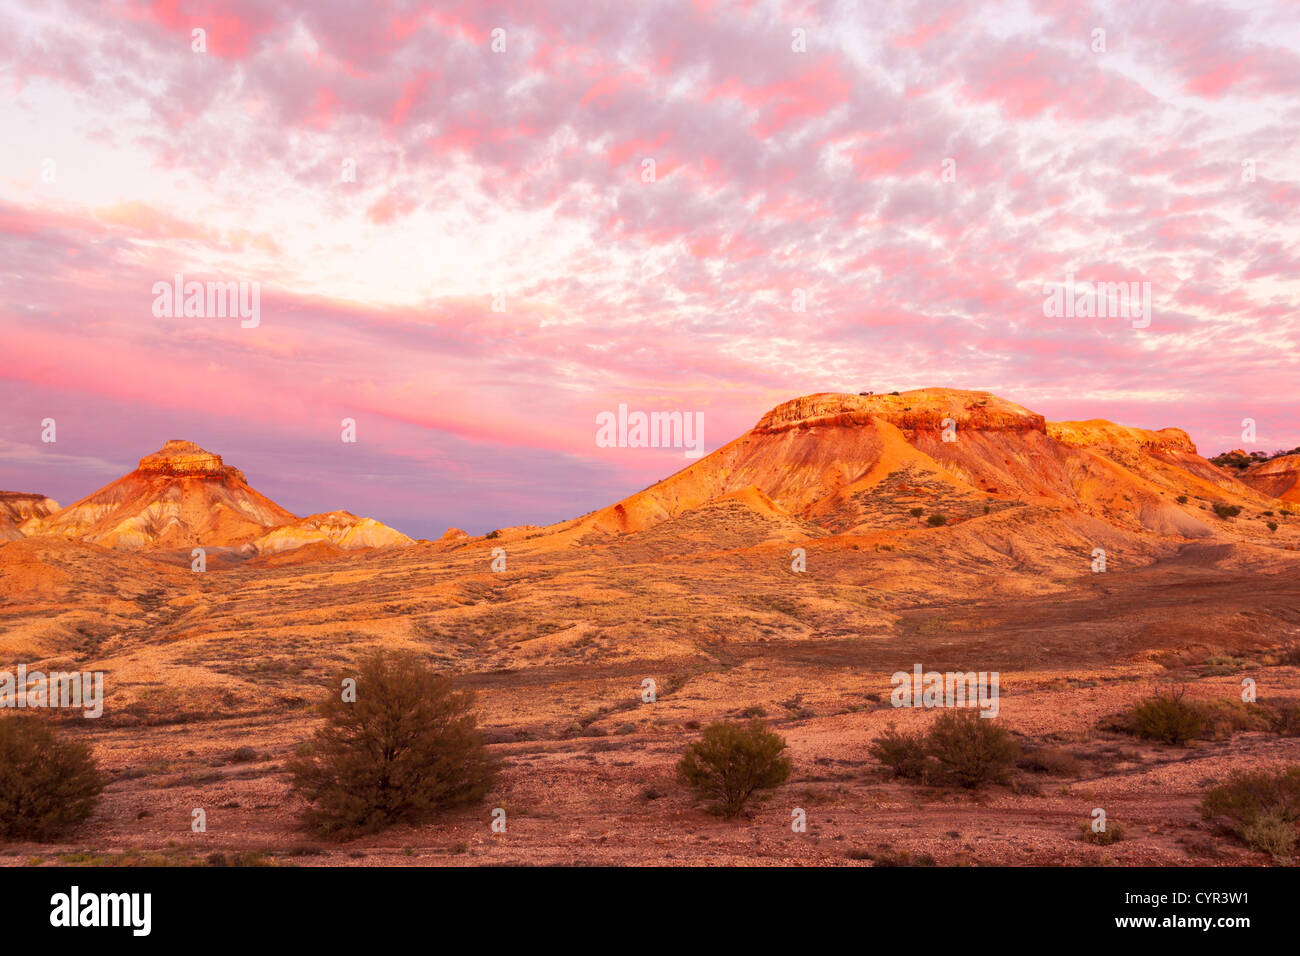 Painted Desert near Arckaringa Station in outback South Australia before sunrise. - Stock Image